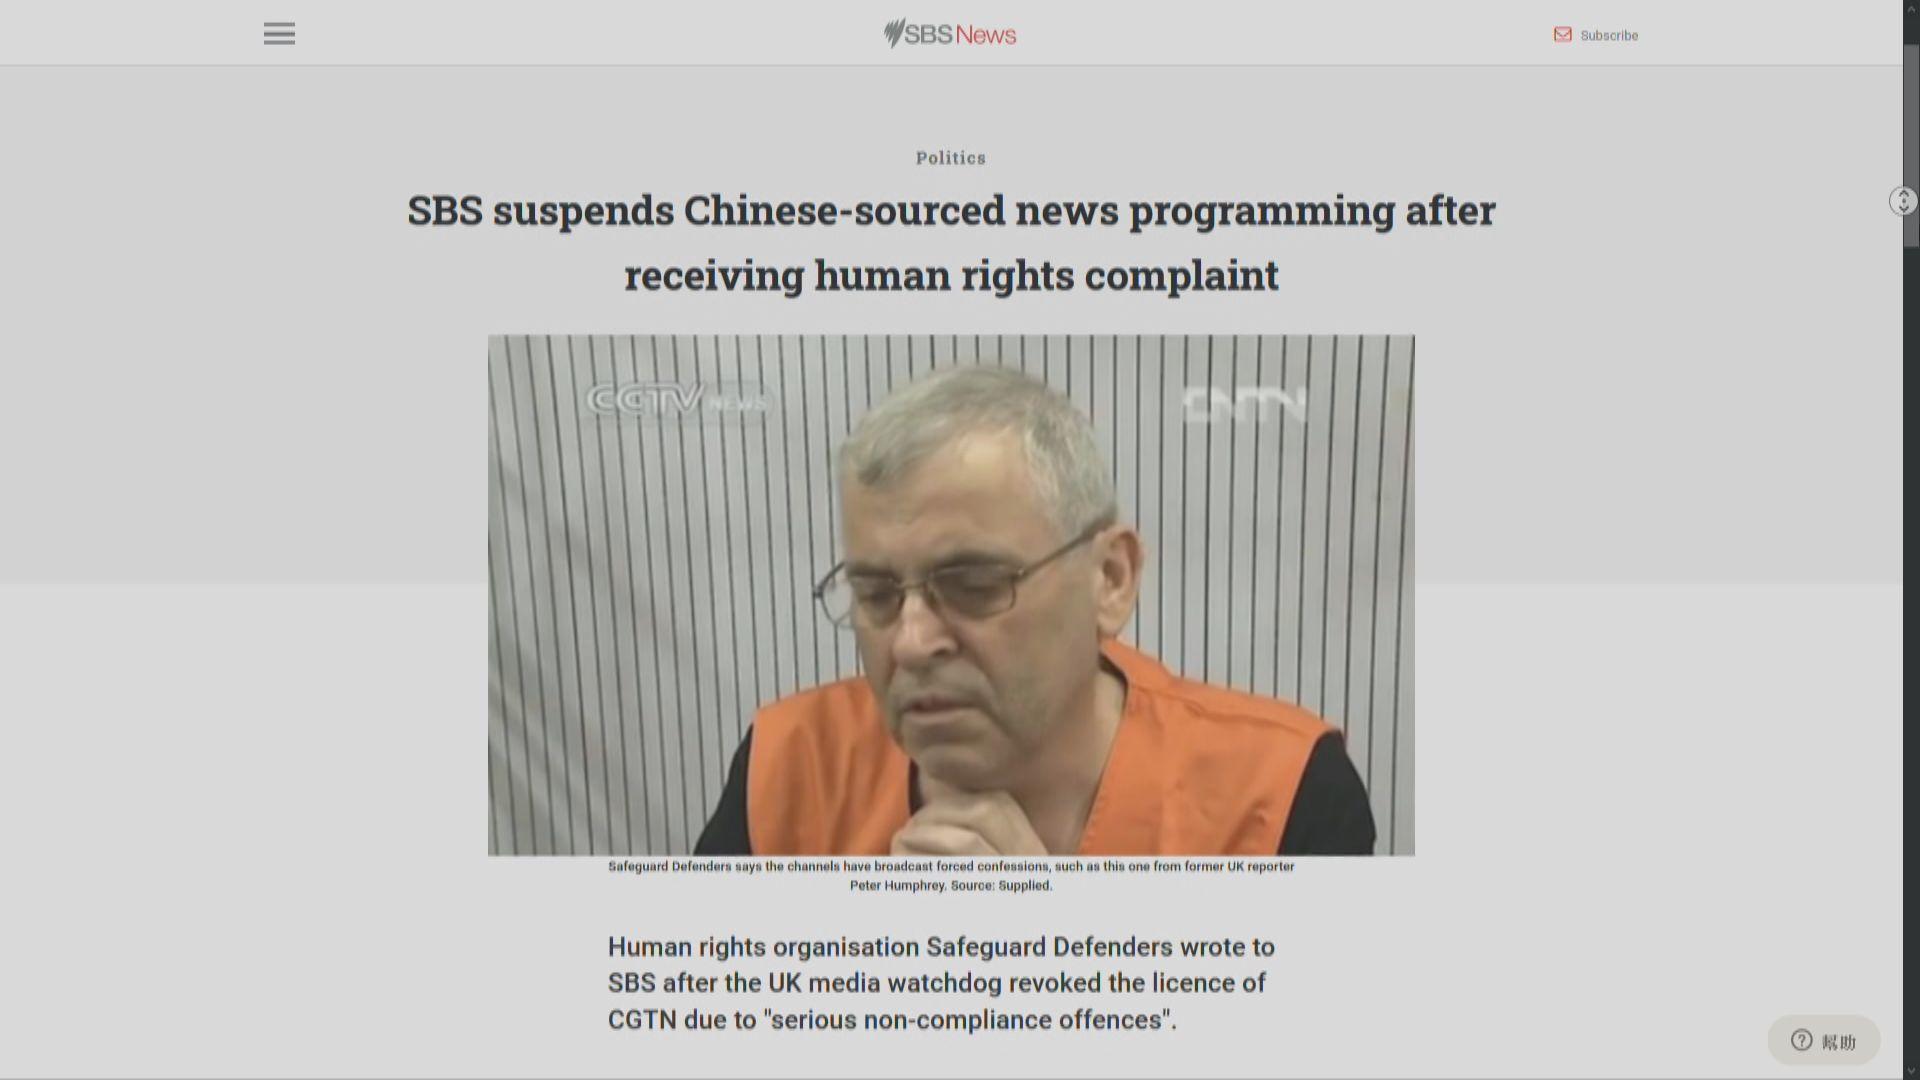 中國環球電視網稱從未授權澳洲SBS轉播節目